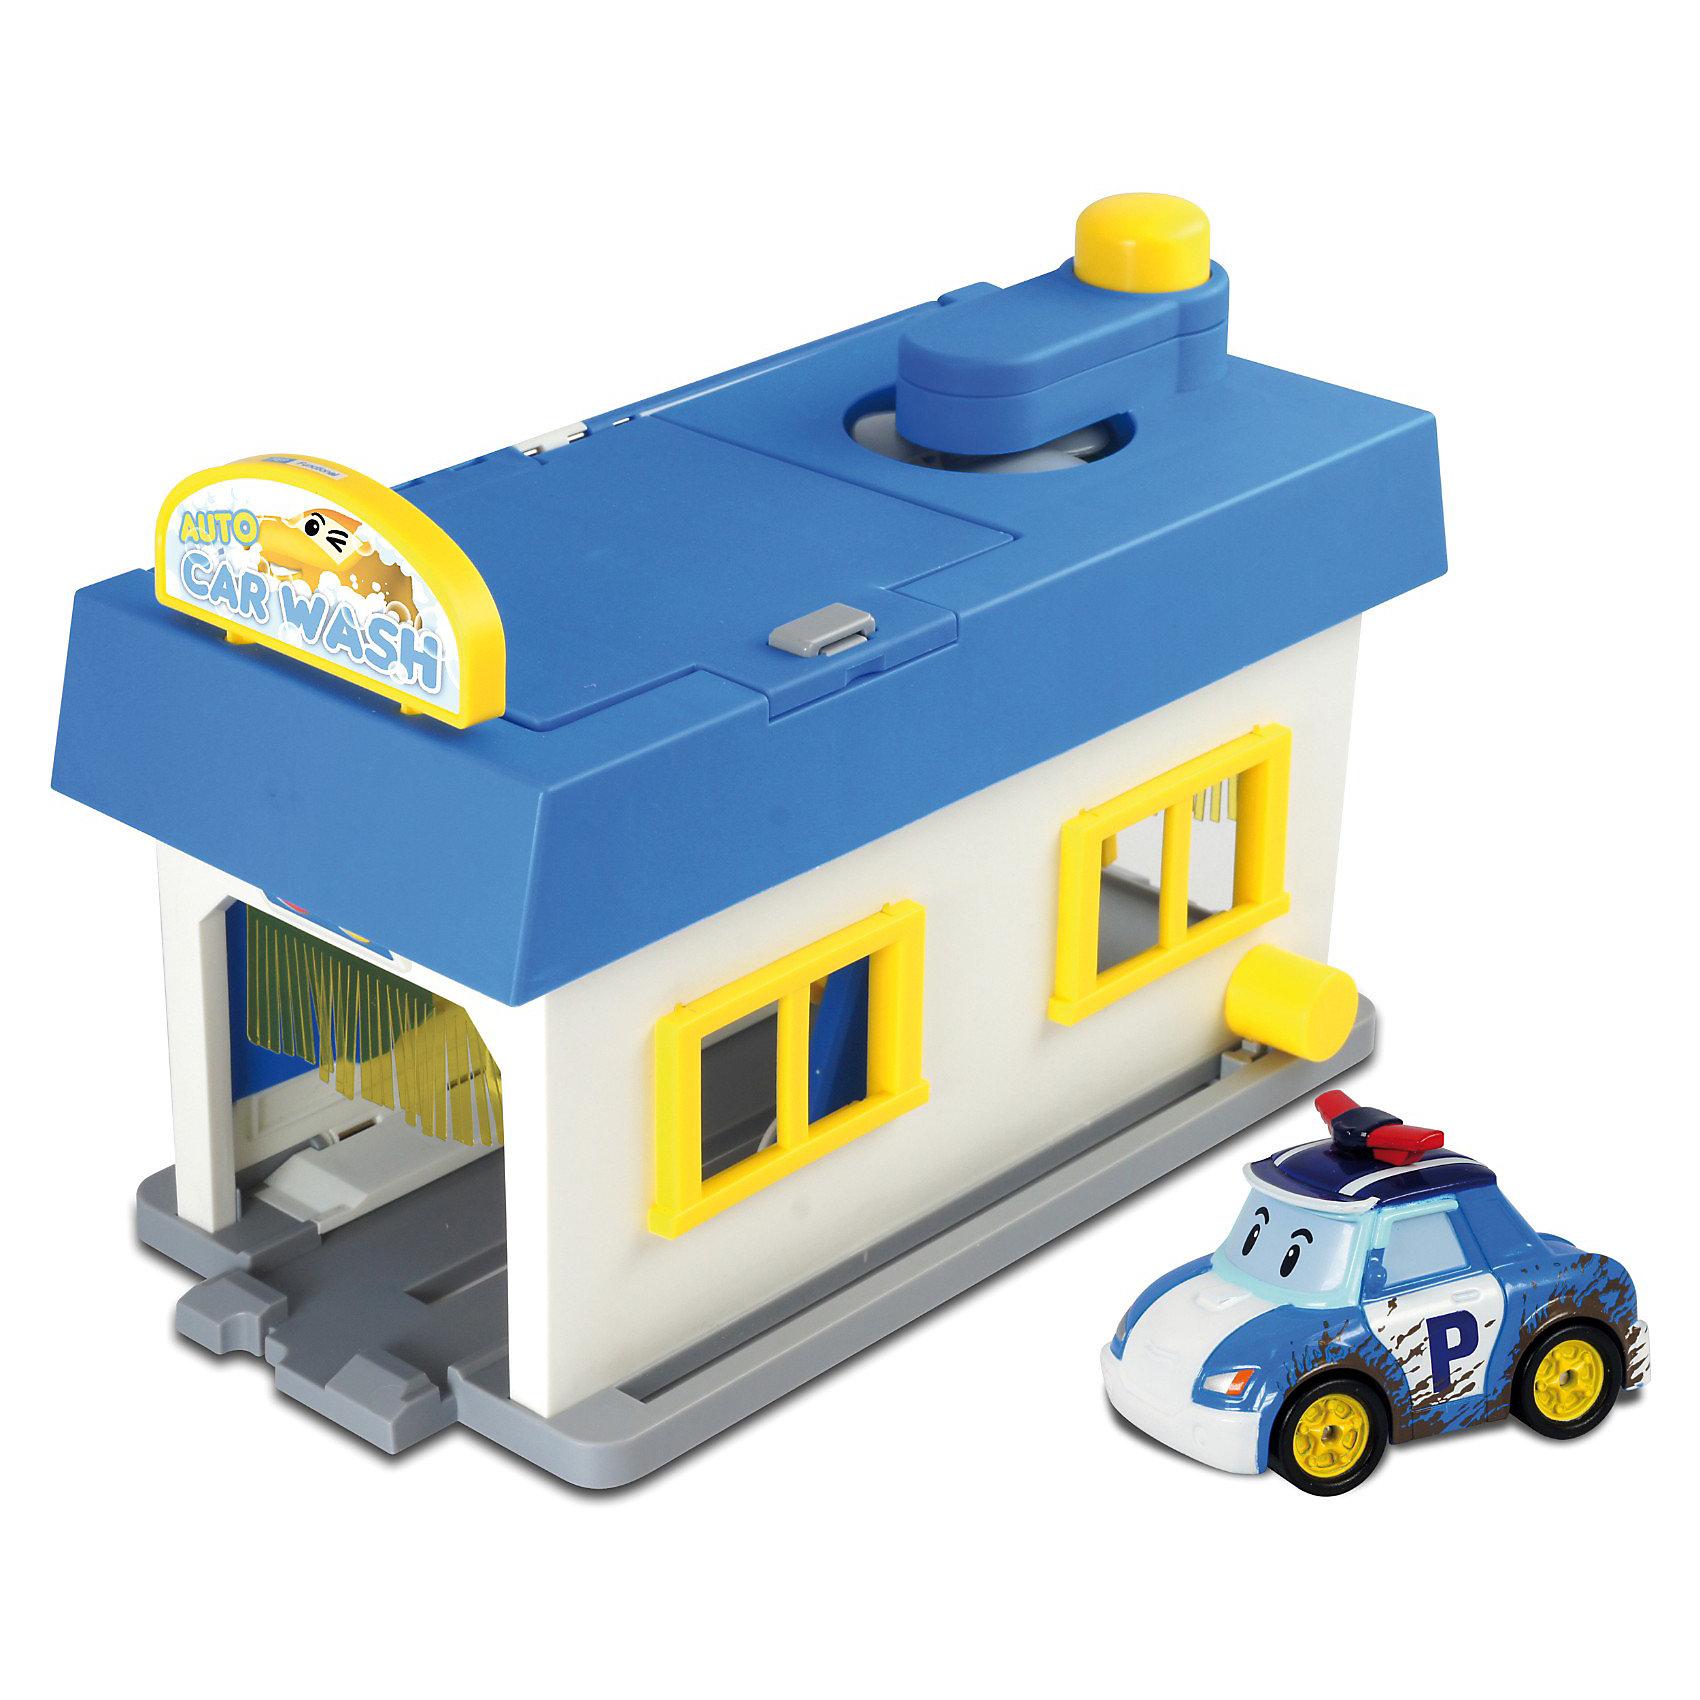 Игровой набор Мойка, Робокар ПолиИгрушки<br>Набор Мойка Робокар Поли (Robocar Poli)- это уникальный реалистичный комплекс-трансформер: при желании он легко превращается из автомойки в гараж! Мойка максимально оборудована: есть специальные валики, чтобы помыть машину, вентилятор для сушки и даже специальный подъемник для техосмотра машины.  Валики на автомойке крутятся, а если нажать на специальную кнопку - вращается специальный вентилятор, позволяющий просушить машинку после мойки. Весь автомоечный комплекс легко складывается и получается небольшой гараж. В комплект также входит полицейская машинка Поли (металлическая). Этот набор, также как игрушки по мотивам сериала Robocar Poli (Робокар Поли), способствуют развитию фантазии и воображения ребенка, логики и мелкой моторики рук. Набор идеально подходит для ситуативных игр по мотивам мультсериала и собственных фантазий малыша. <br>Пусть малыш с детства стремится стать хорошим водителем!<br><br>Дополнительная информация:<br><br>- идеальный подарок для мальчика;<br>- развивает воображение;<br>- машинка - герой любимого мультика;<br>- комплектация: металлическая полицейская машинка Поли (Poli) (6 см) с имитацией грязи по бокам, станция мойки, аксессуары: деревья, дорожные знаки;<br>- материал: металл, пластик;<br>- вес: 2,268 кг;<br>- размер мойки: 53 х 50см;<br>- размер упаковки: 31 х 43 х 16 см.<br><br>Игровой набор Мойка Робокар Поли (Robocar Poli) Вы можете приобрести в нашем интернет-магазине<br><br>Ширина мм: 430<br>Глубина мм: 155<br>Высота мм: 305<br>Вес г: 1600<br>Возраст от месяцев: 36<br>Возраст до месяцев: 66<br>Пол: Мужской<br>Возраст: Детский<br>SKU: 3526761